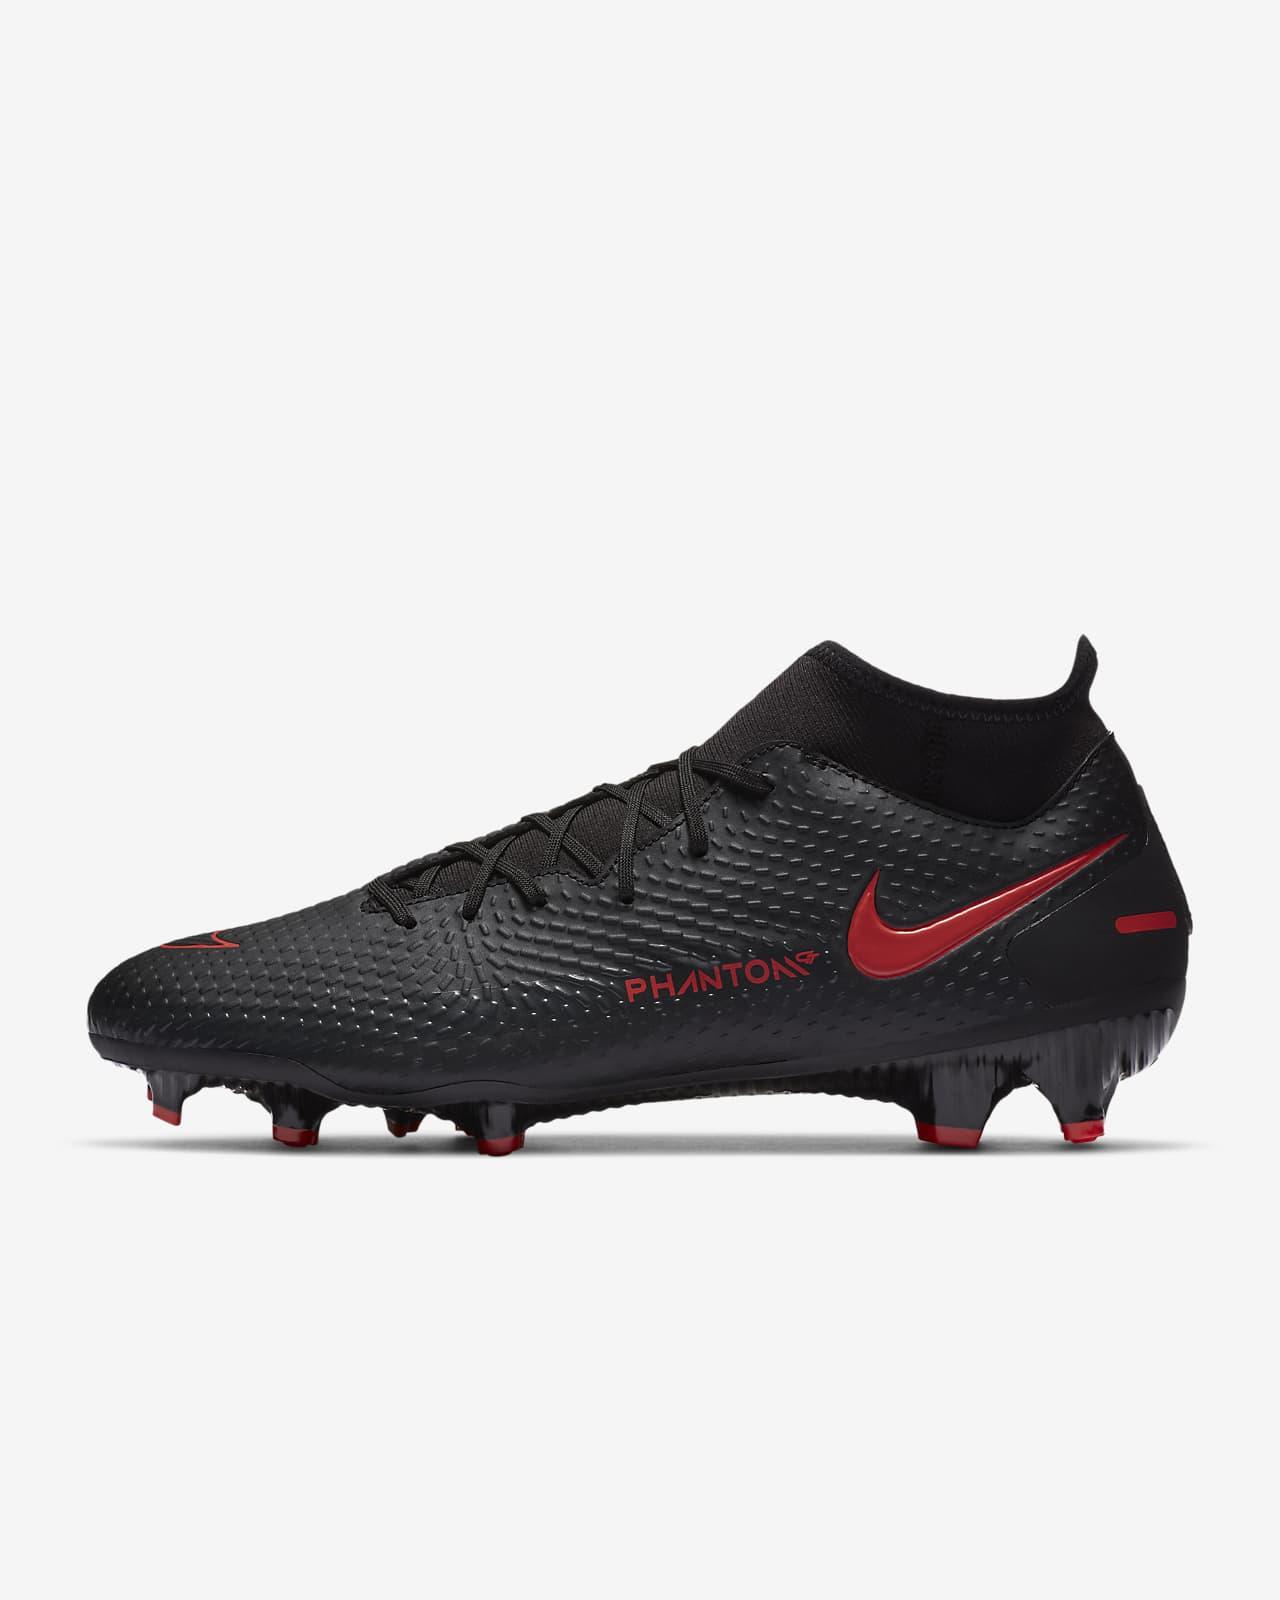 Nike Phantom GT Academy Dynamic Fit MG-fodboldstøvle til flere typer underlag